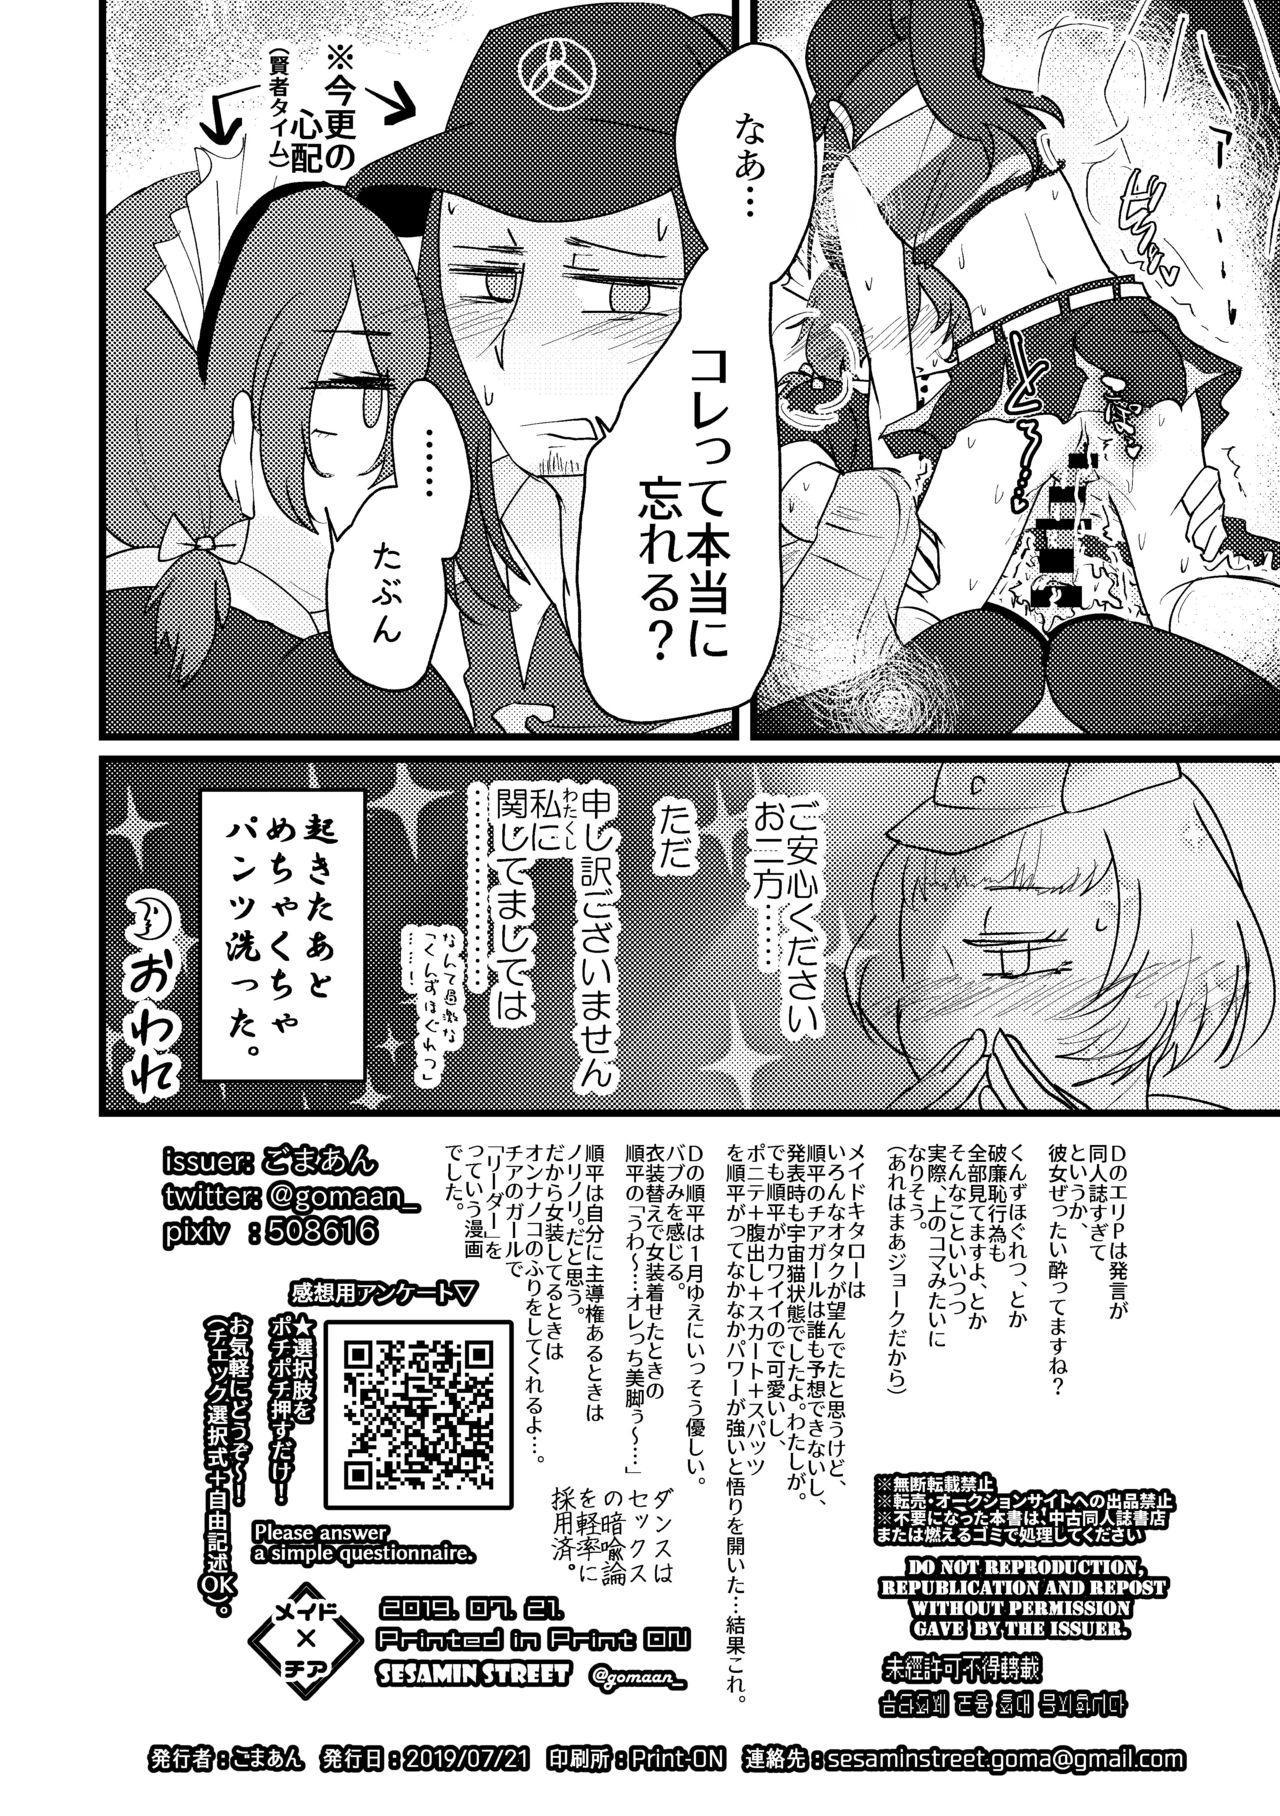 Maid x Cheer P3Hero x Junpei 14